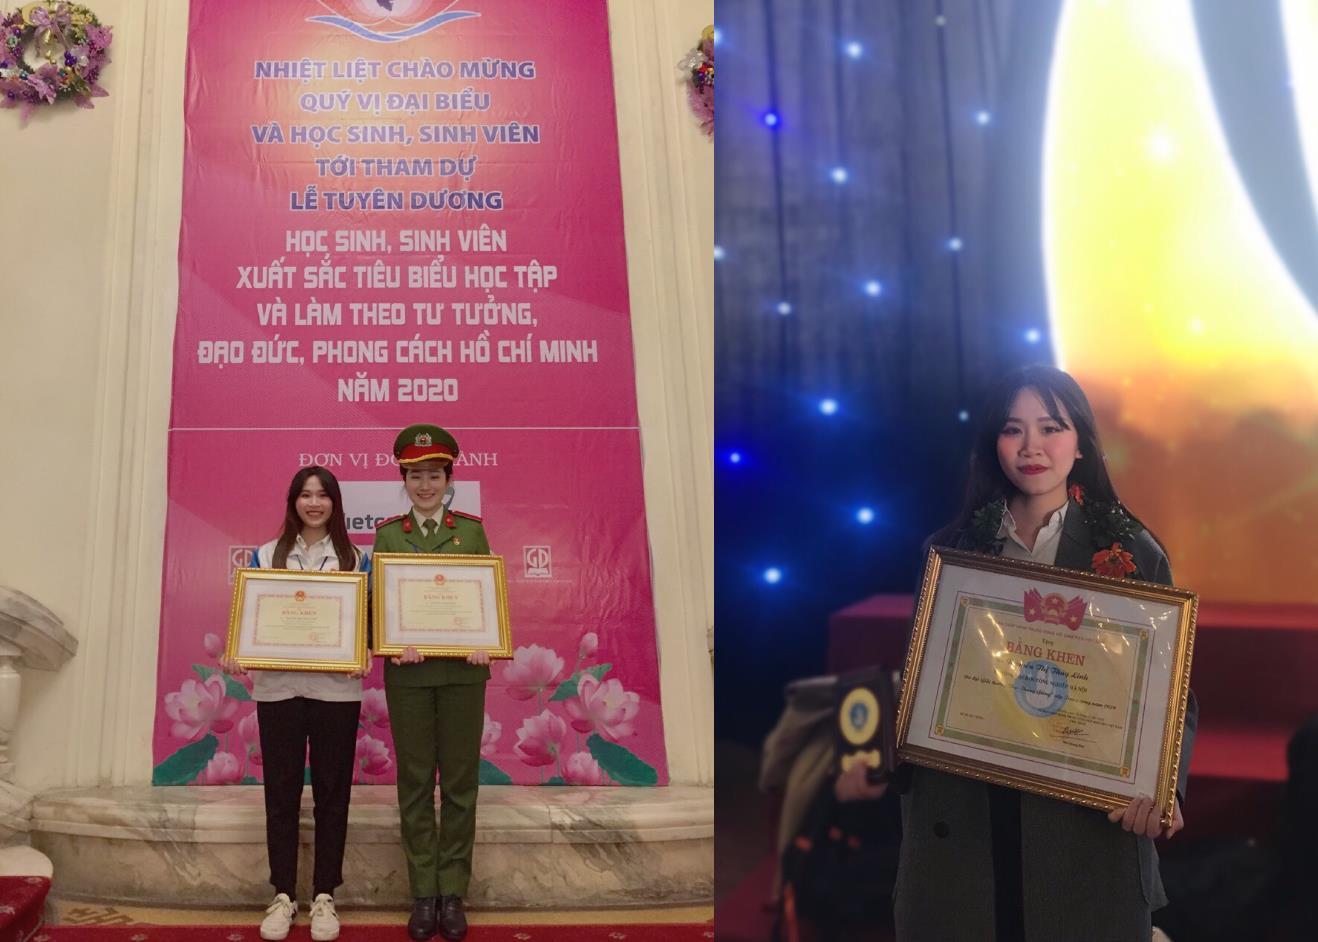 Nguyễn Thị Thùy Linh – Tấm gương tiêu biểu trong học tập và phong trào sinh viên